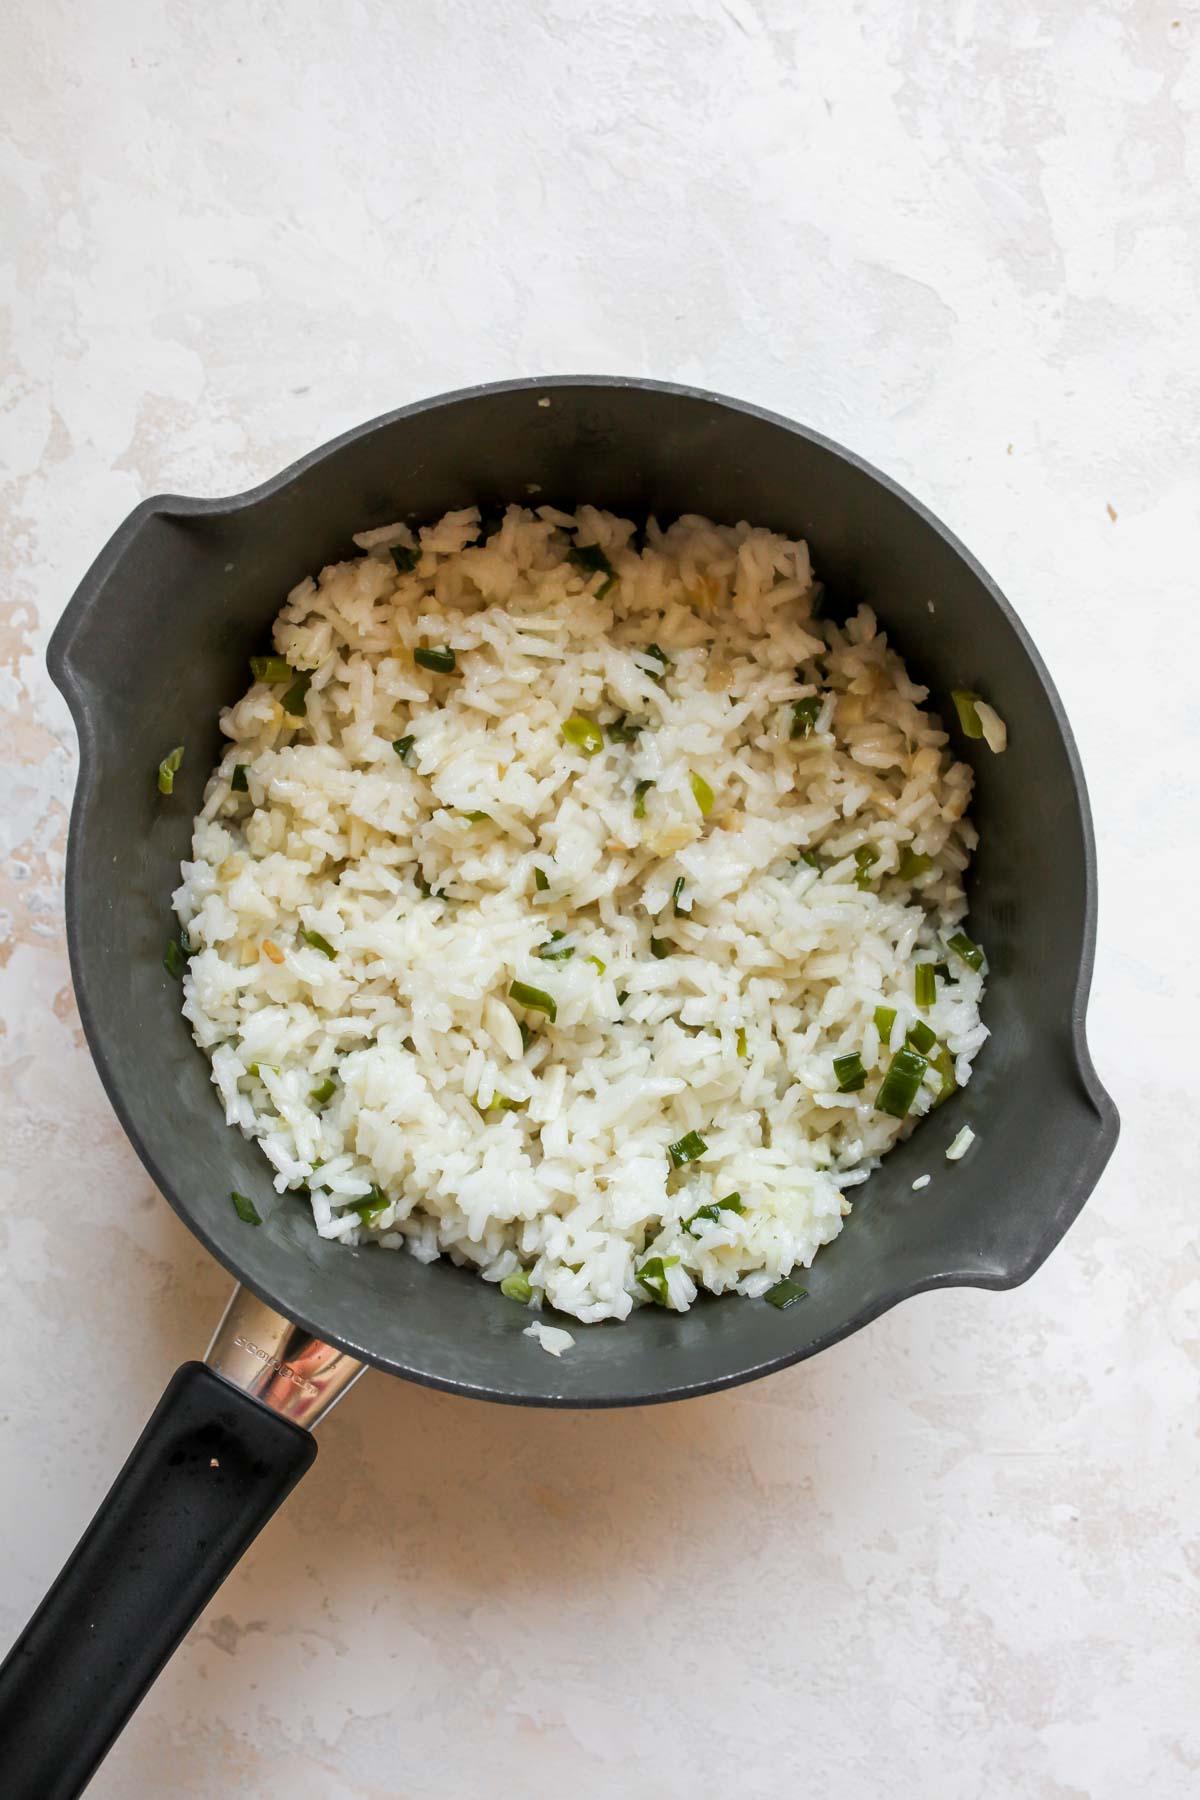 Ginger-scallion rice in a saucepan